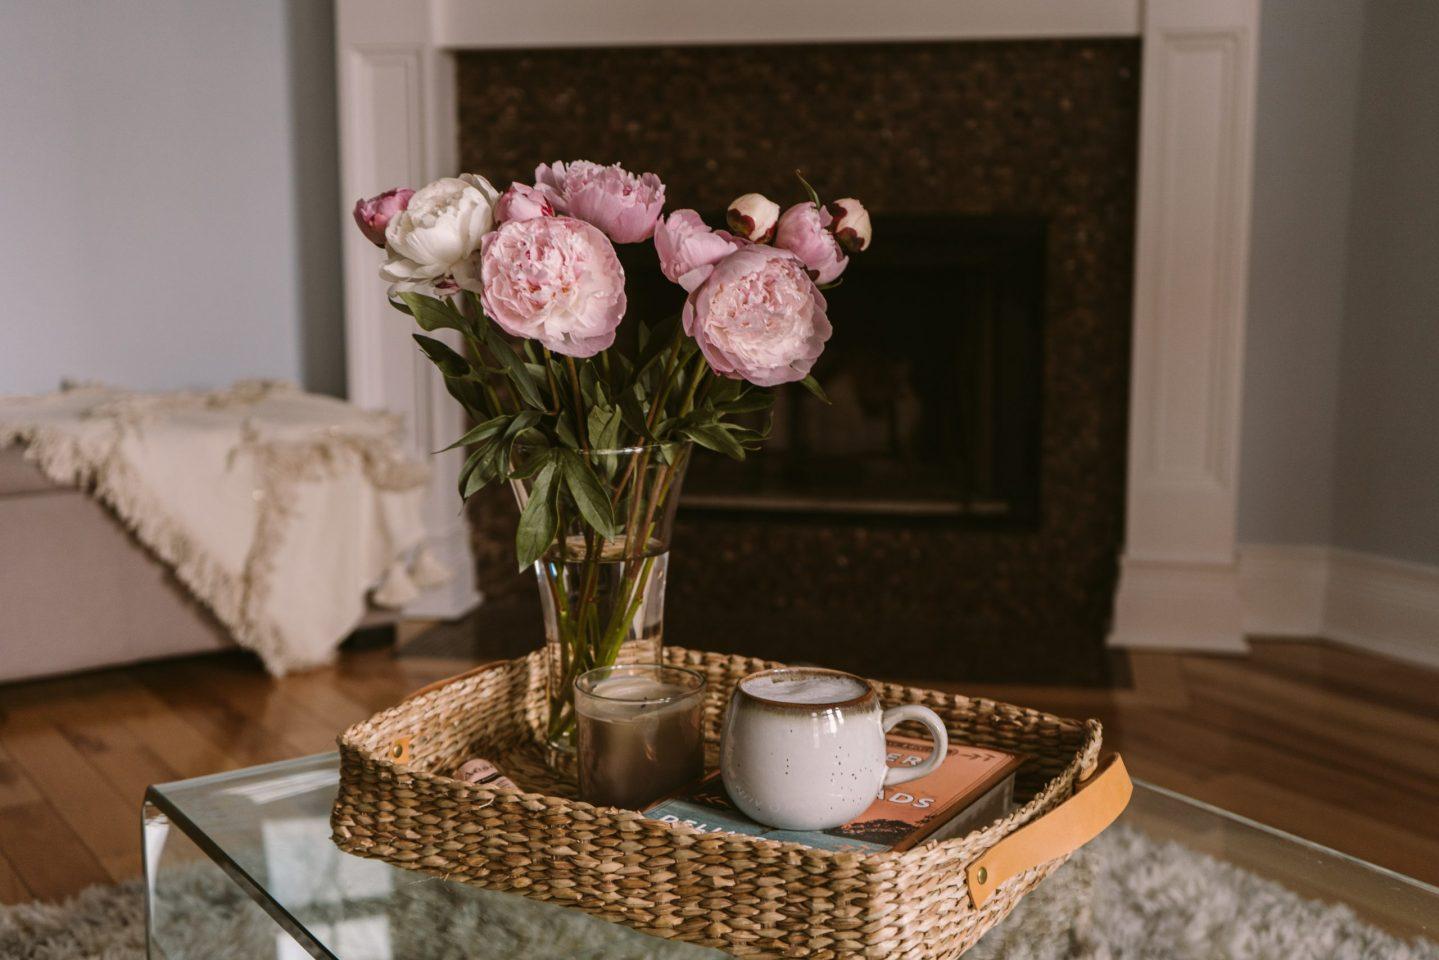 Идеи для интерьера: подносы и плетёные корзинки